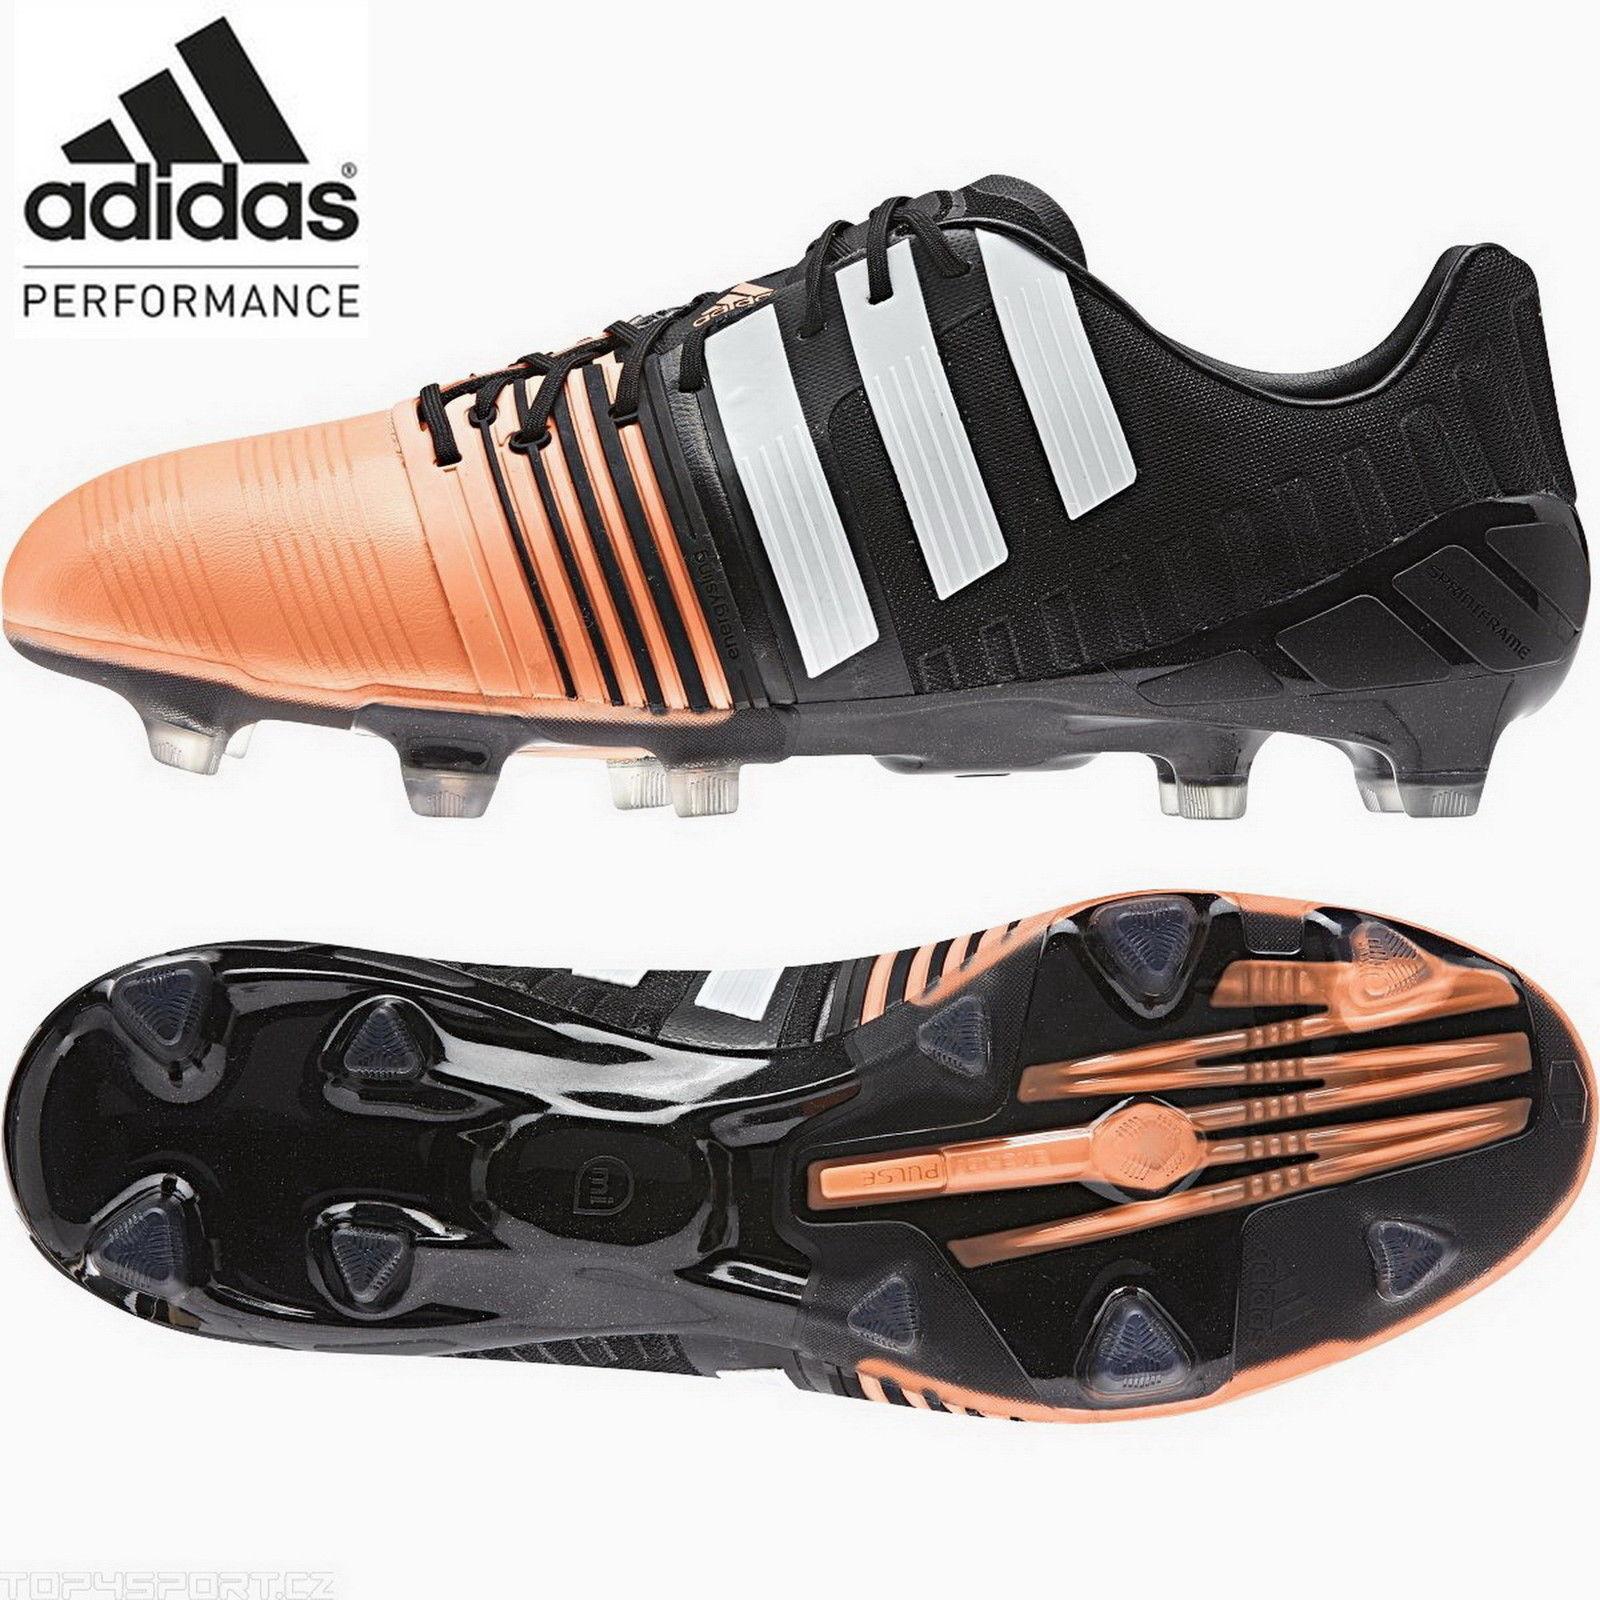 Adidas Nitrocharge 1.0 Fg Uomo Tacchetti da Calcio M19051 Taglia 7